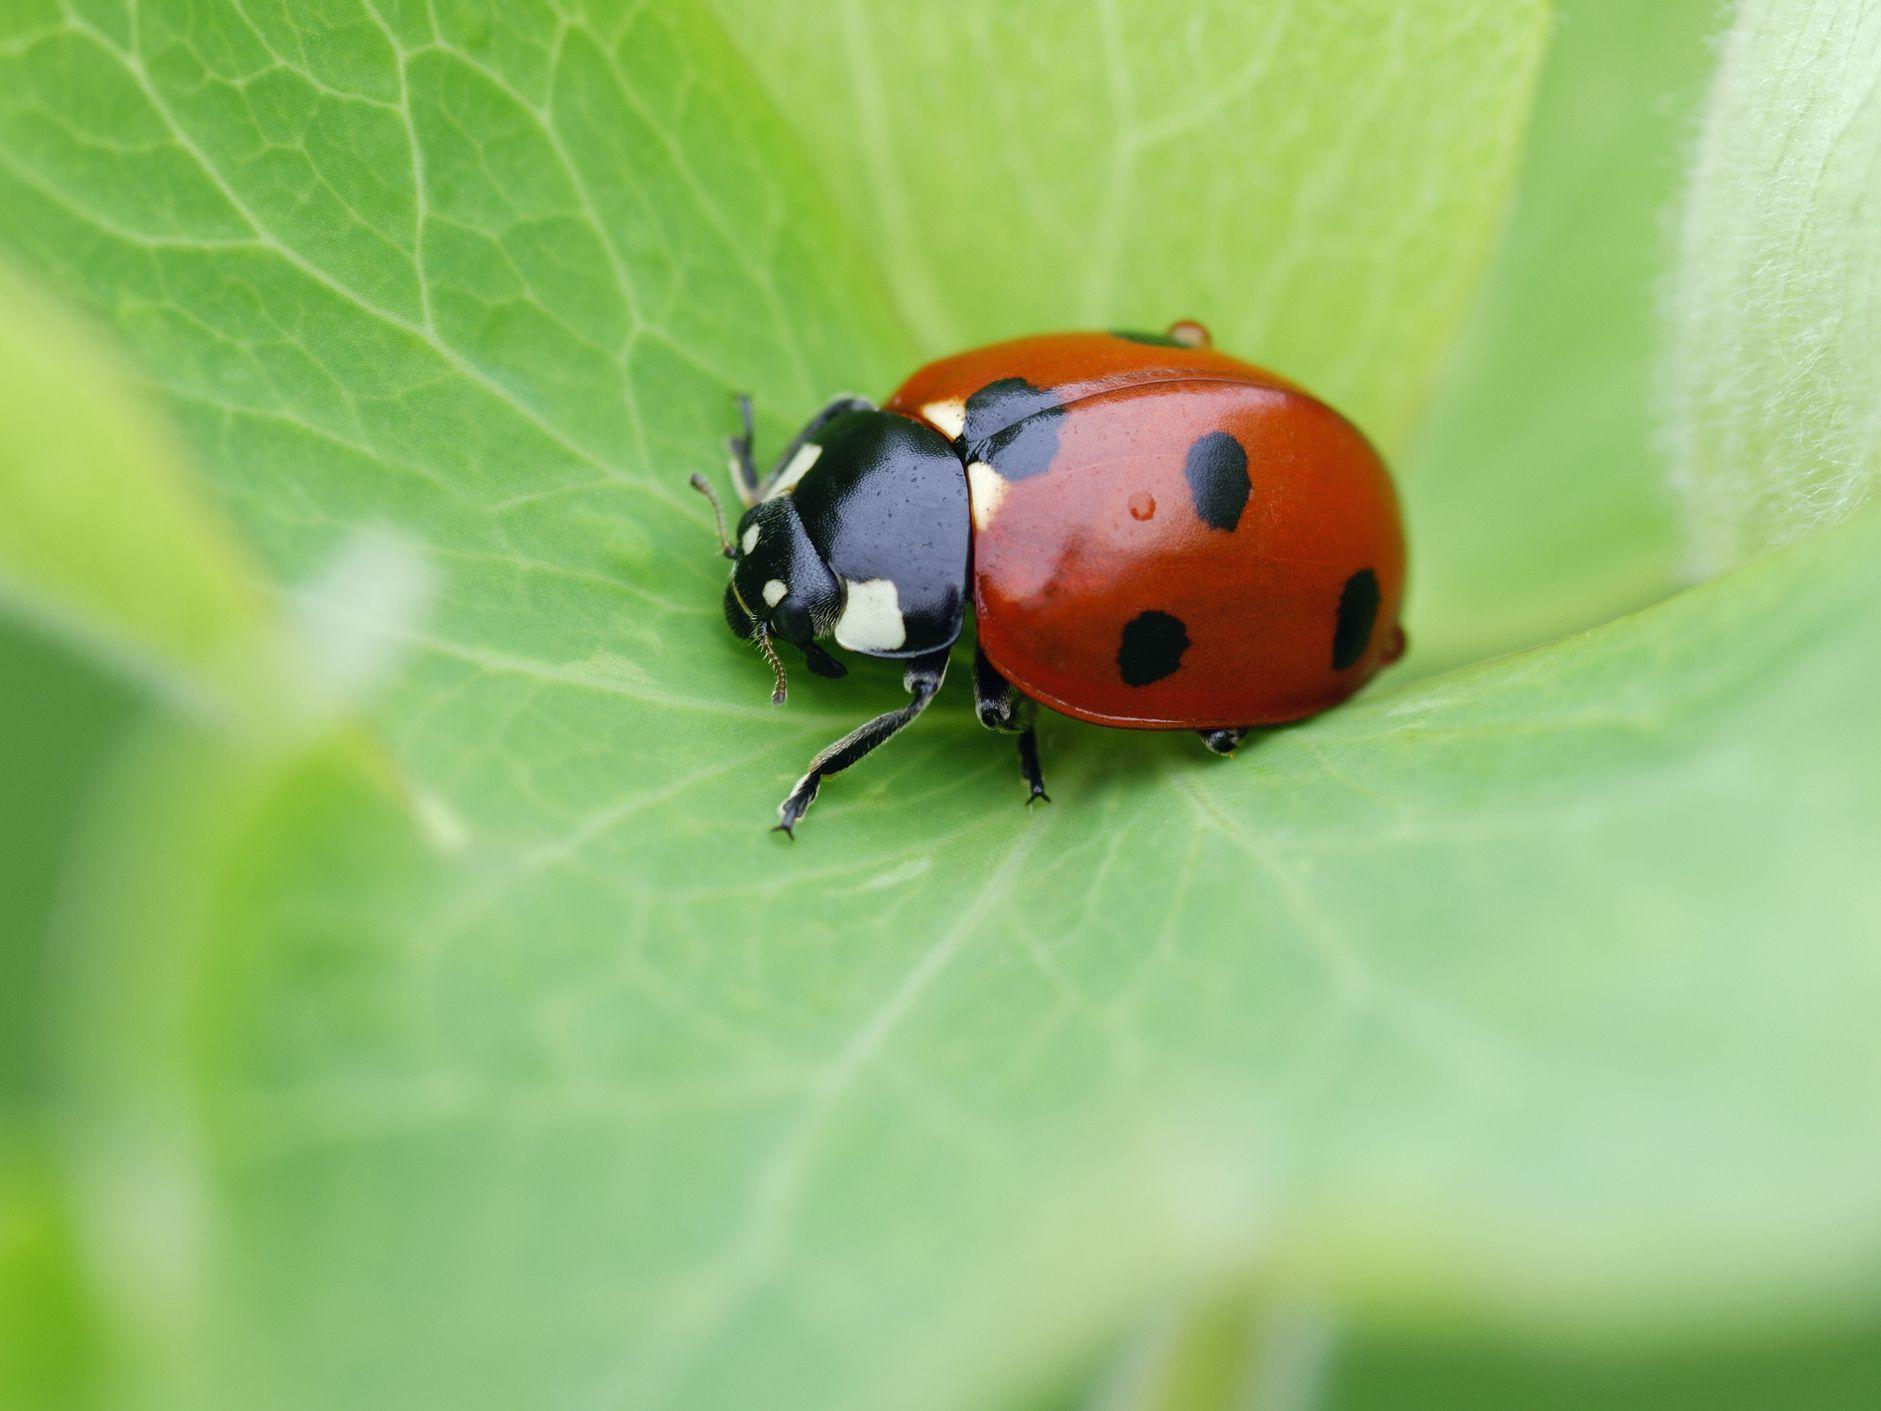 Ladybugs, Family Coccinellidae